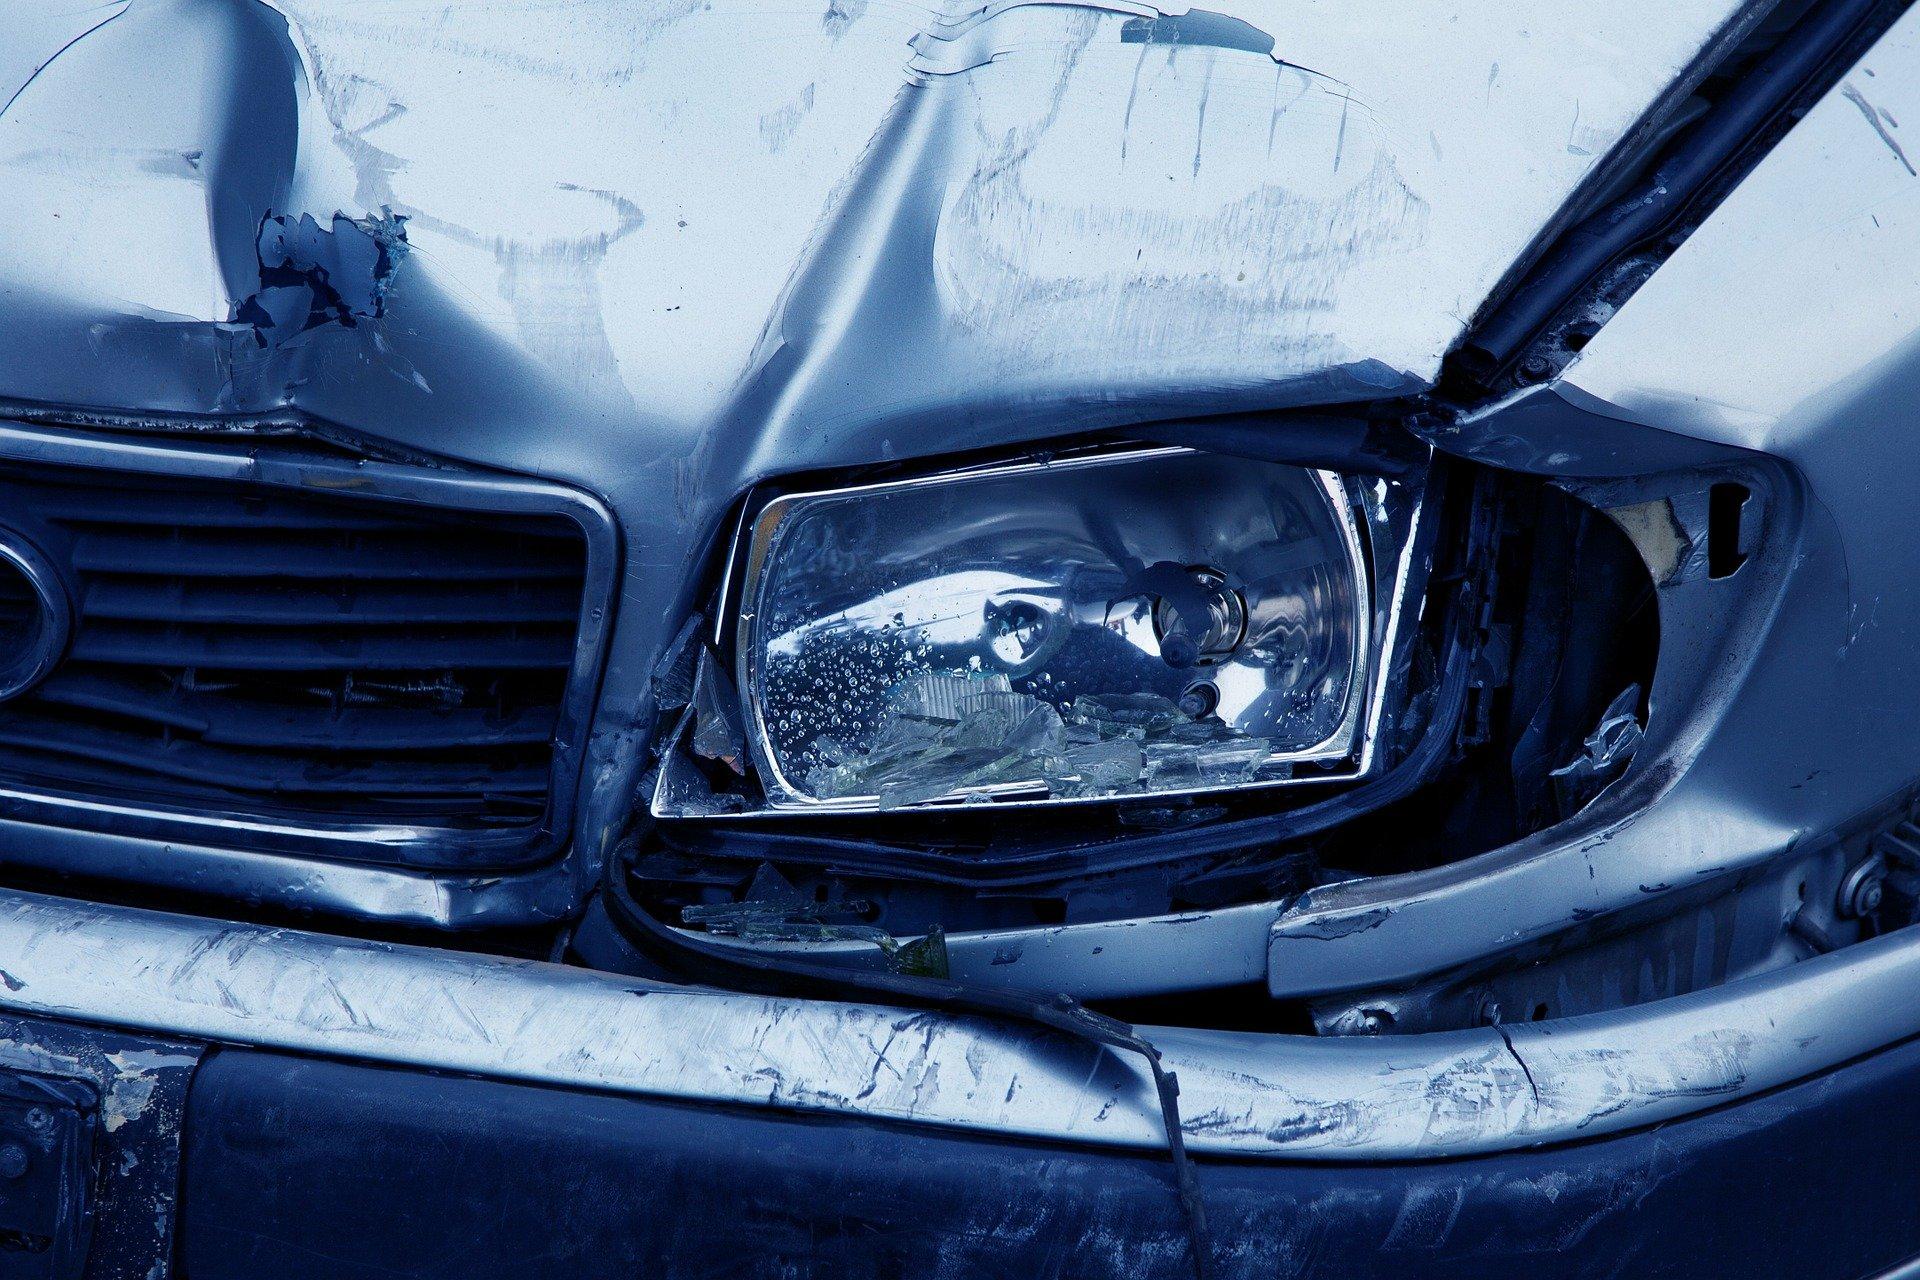 רשלנות רפואית אחרי תאונת דרכים - האם אפשר לקבל פיצויים